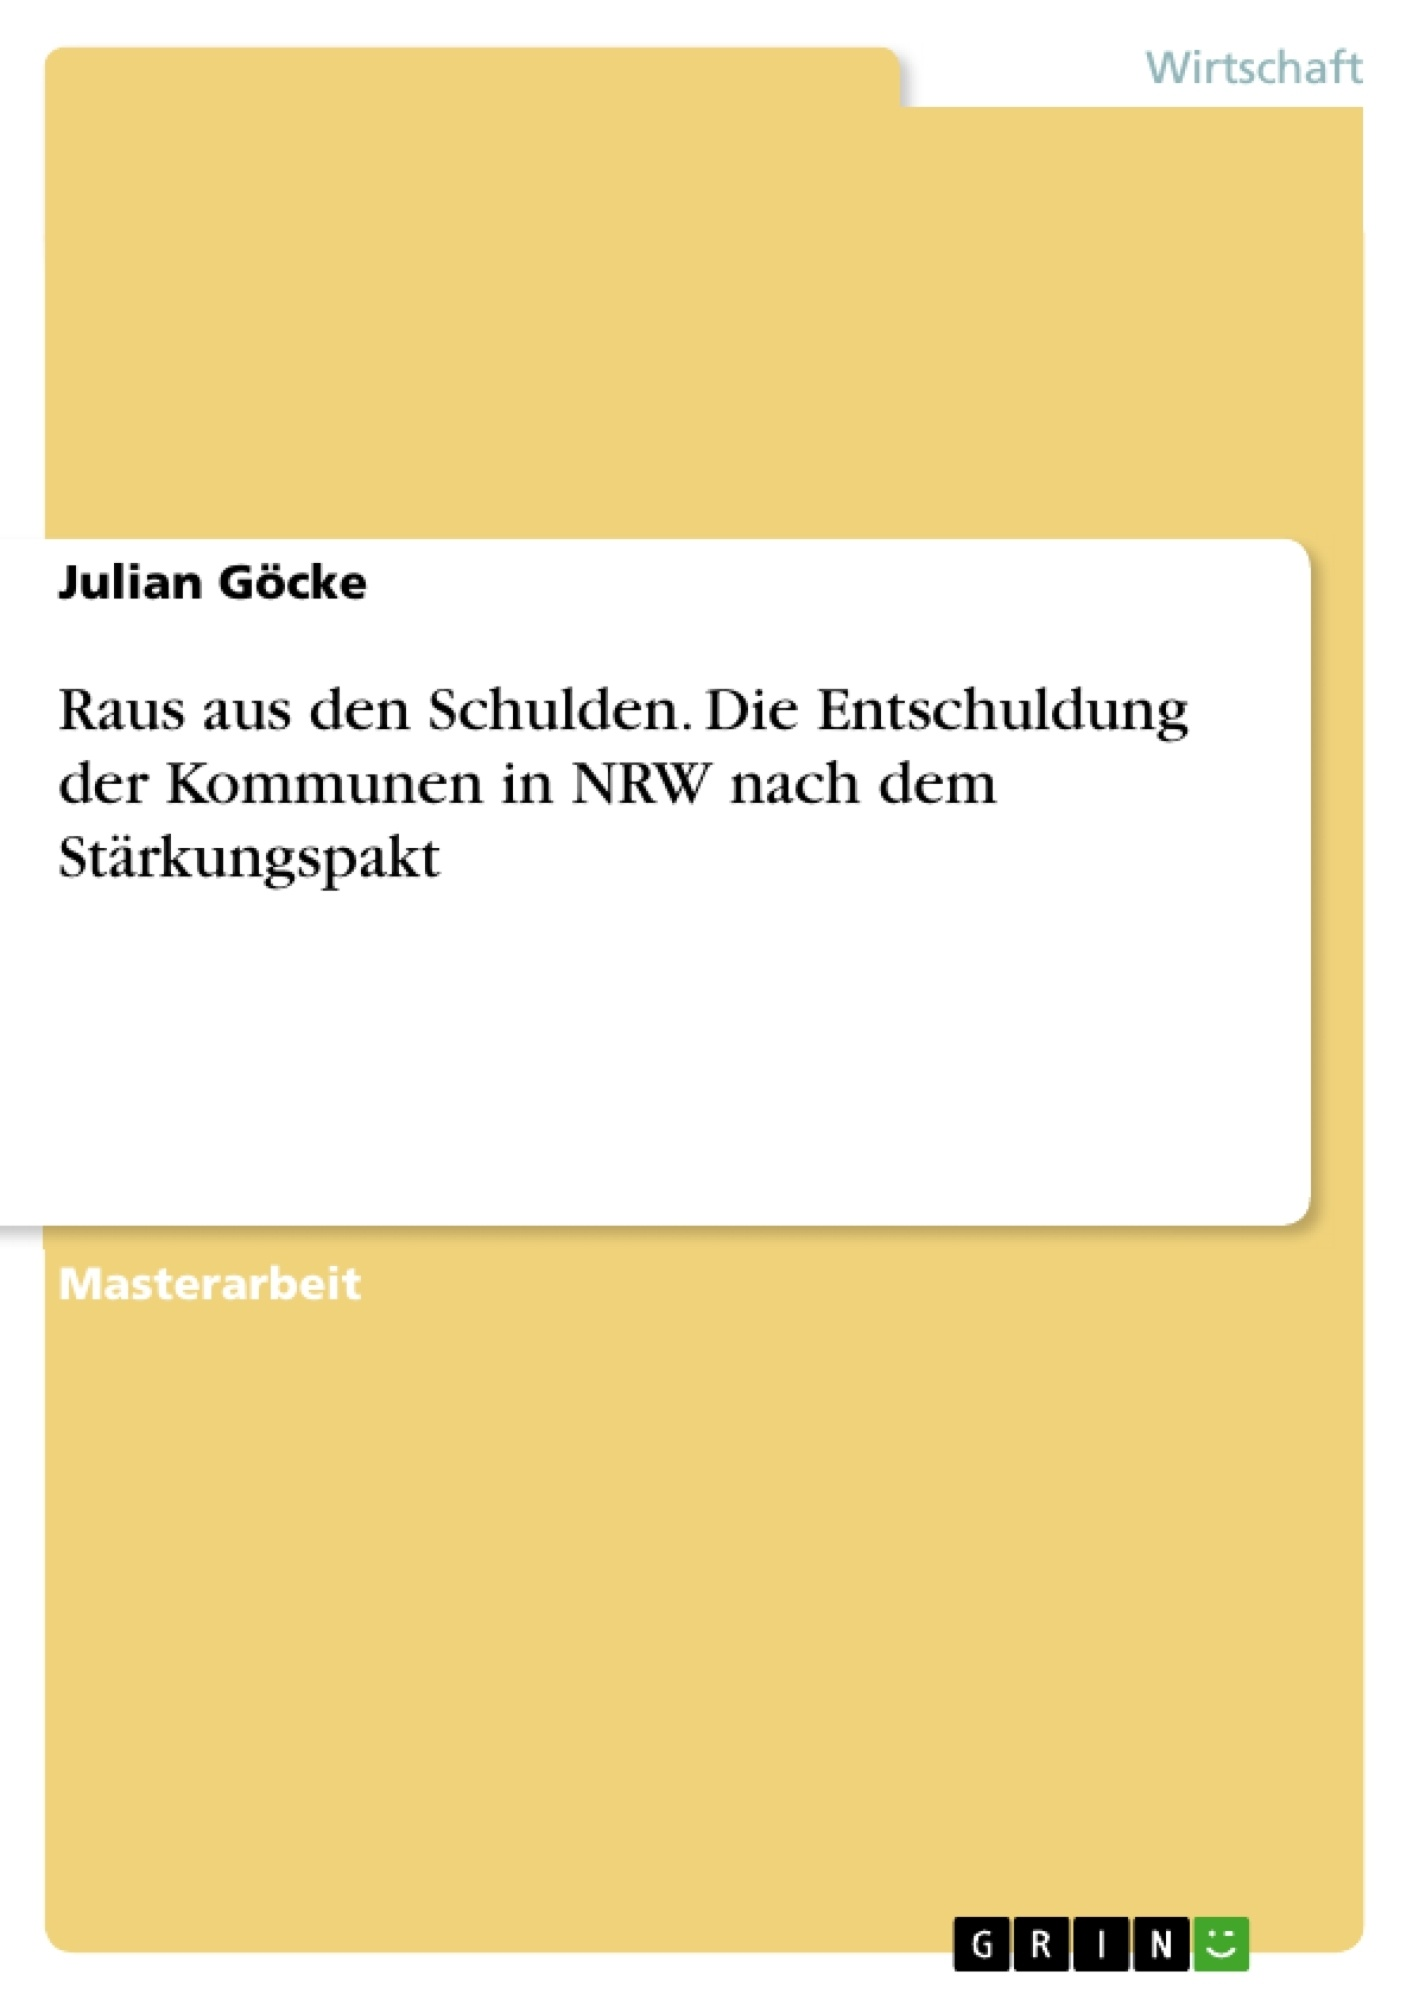 Titel: Raus aus den Schulden. Die Entschuldung der Kommunen in NRW nach dem Stärkungspakt